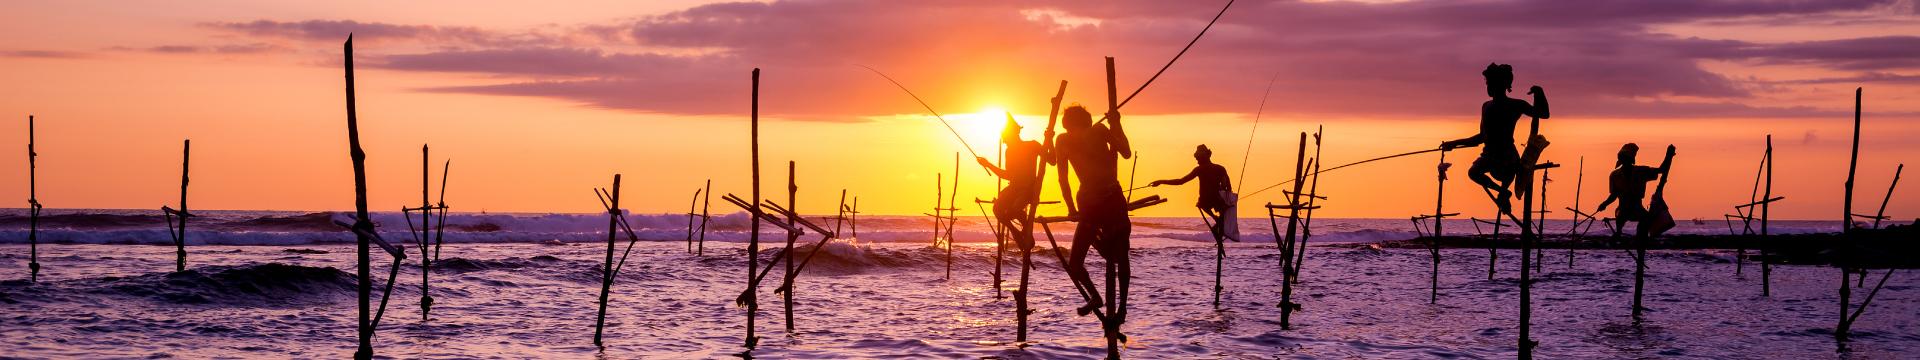 Yahiaoui-Hacina_banner-srilanka_maldives